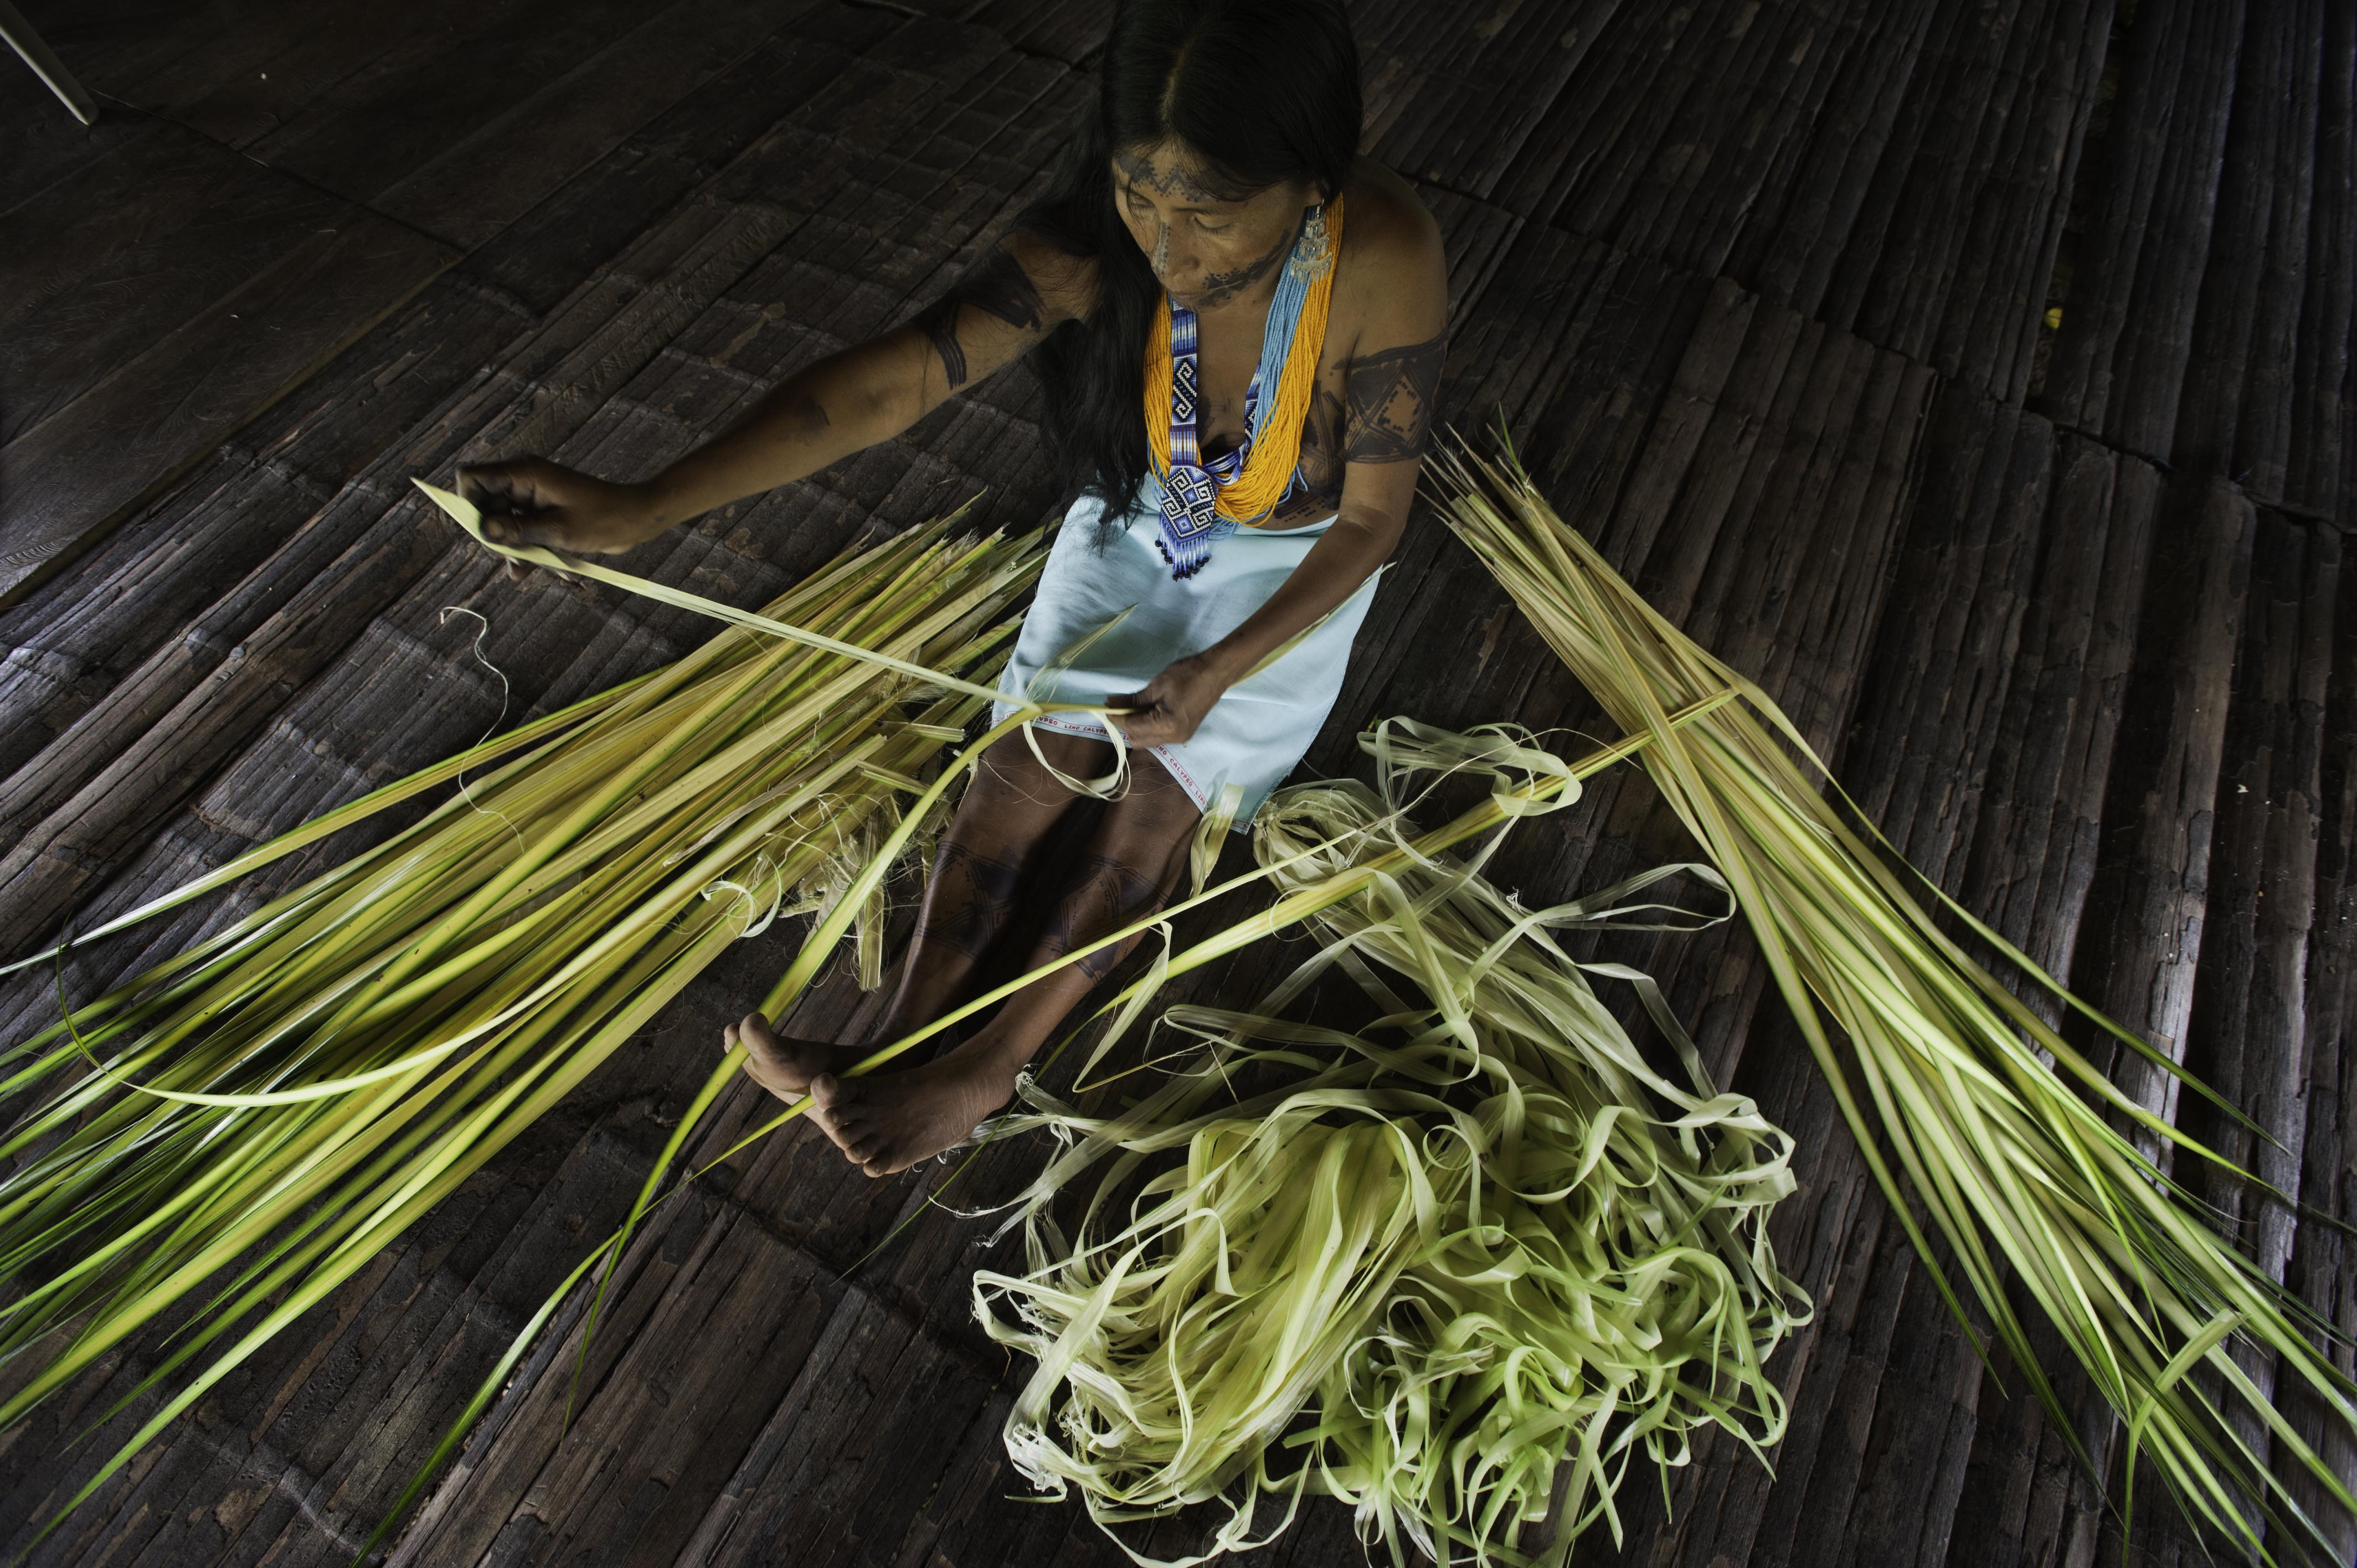 Iberoamérica es una región viva y diversa, donde las personas comparten toda su riqueza cultural.